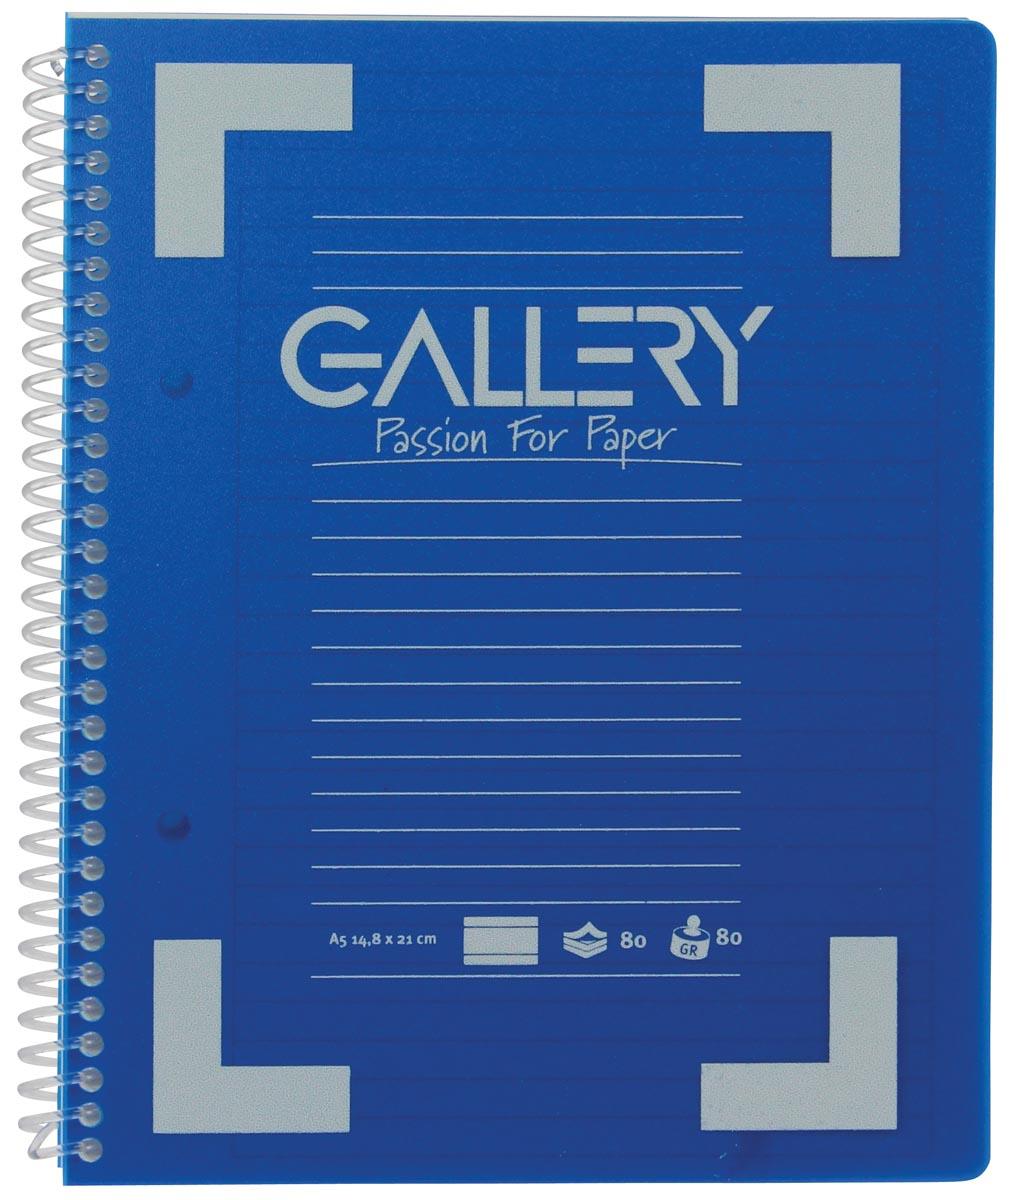 Gallery Traditional spiraalschrift ft A5, gelijnd, geassorteerde kleuren, 160 bladzijden-1